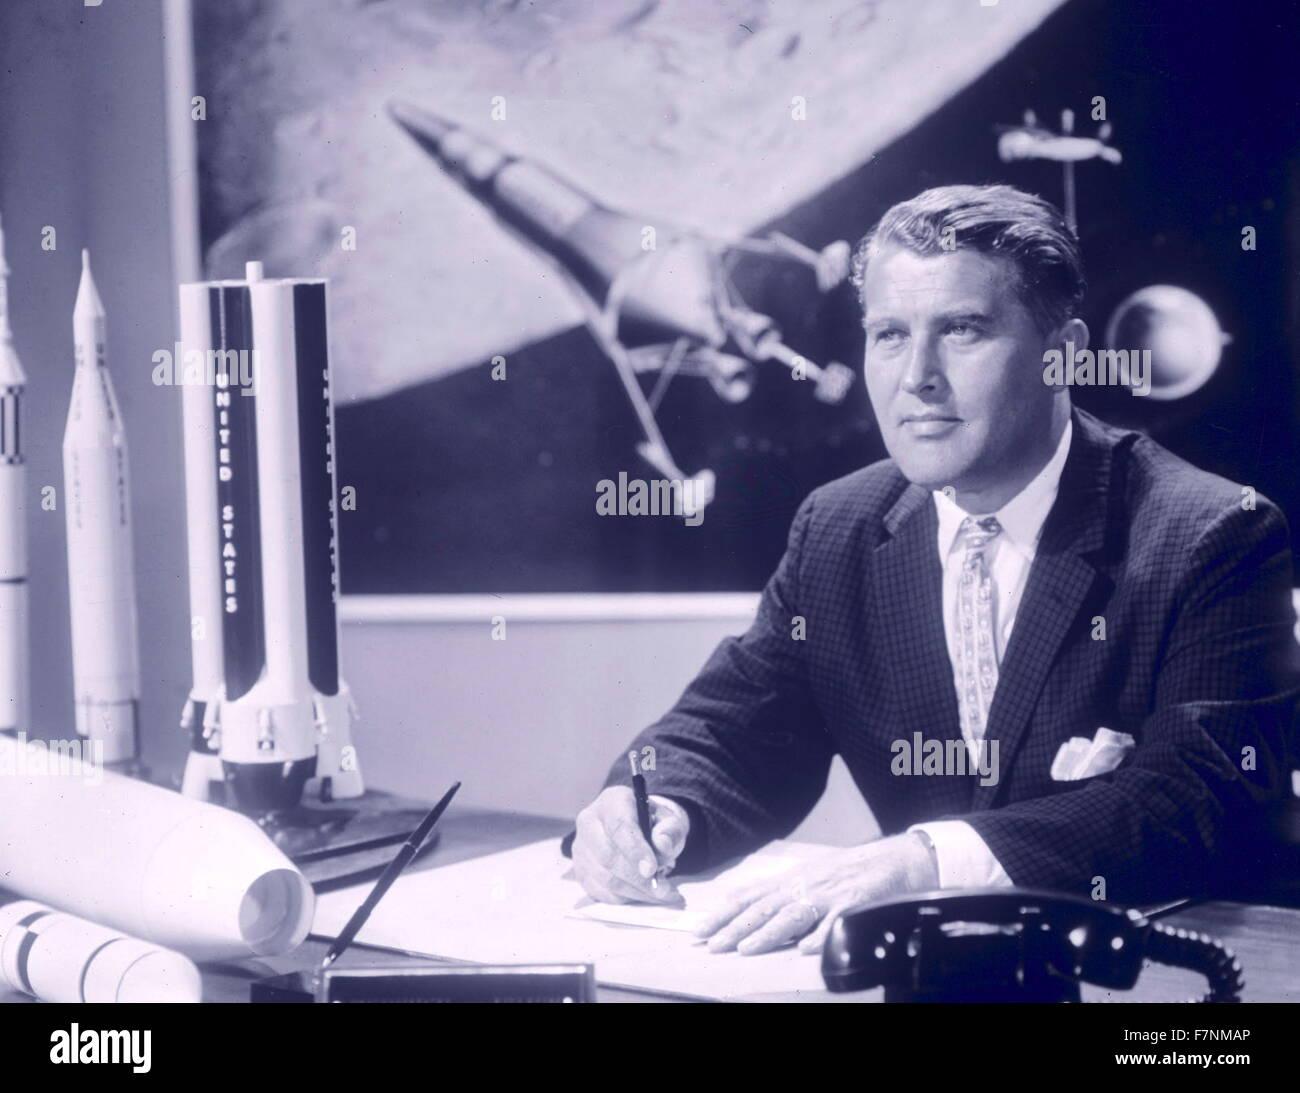 """Werner von Braun (1912 – 1977) deutschen später (amerikanischen) Raumfahrt-Ingenieur mit der Erfindung der V2-Rakete und der Saturn-V, für Nazi-Deutschland und den Vereinigten Staaten, bzw. gutgeschrieben. führende Persönlichkeit in der Entwicklung der Raketentechnik in WWII, Deutschland und den Vereinigten Staaten. von der NASA als """"Vater der Raketenwissenschaft"""". Stockfoto"""